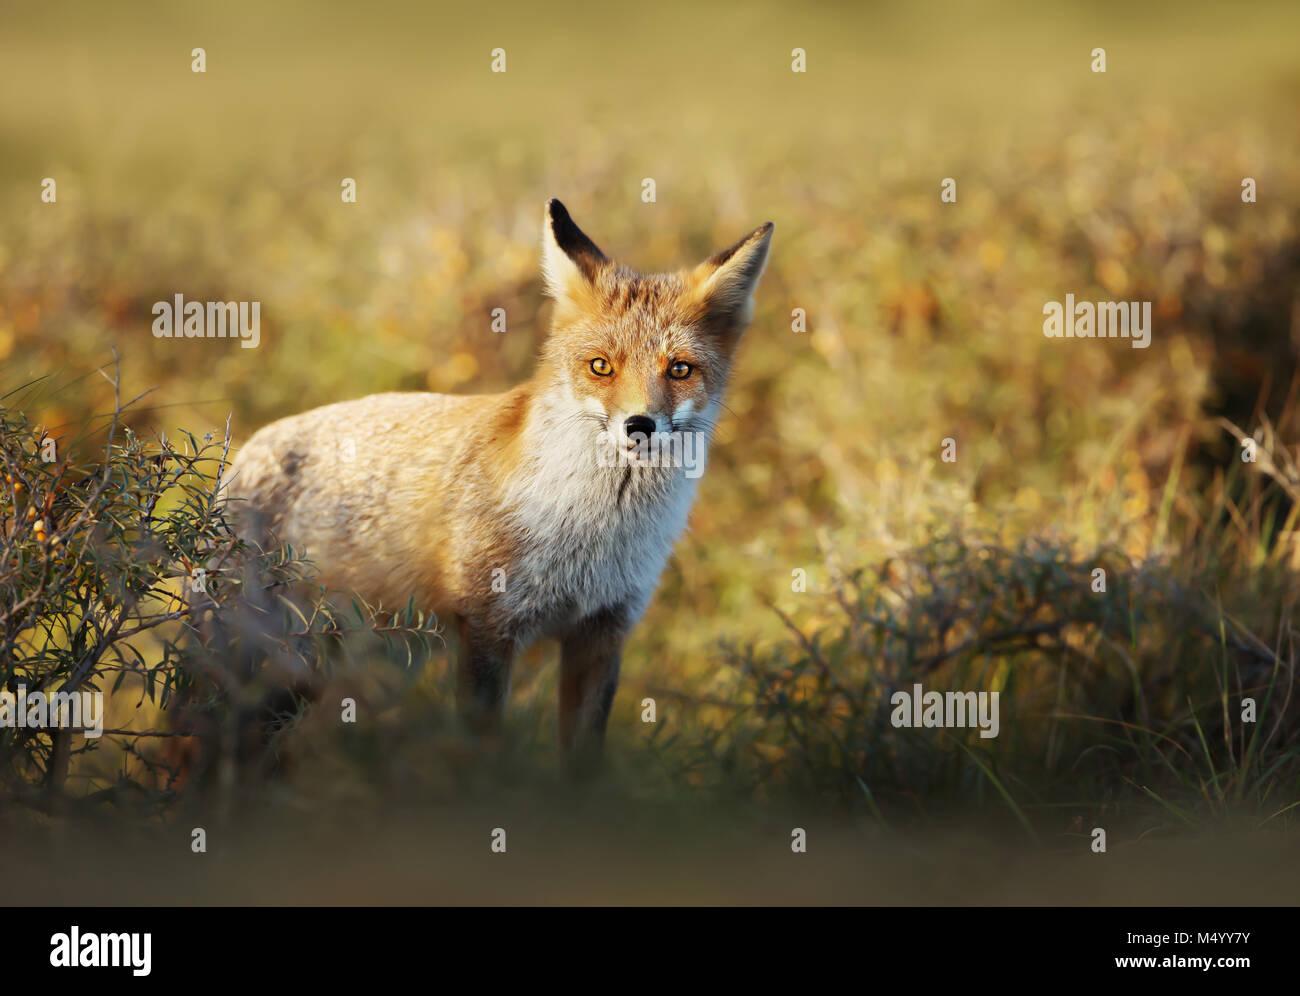 Close up of a young Red Fox dans le domaine de l'herbe sur une soirée ensoleillée. Photo Stock